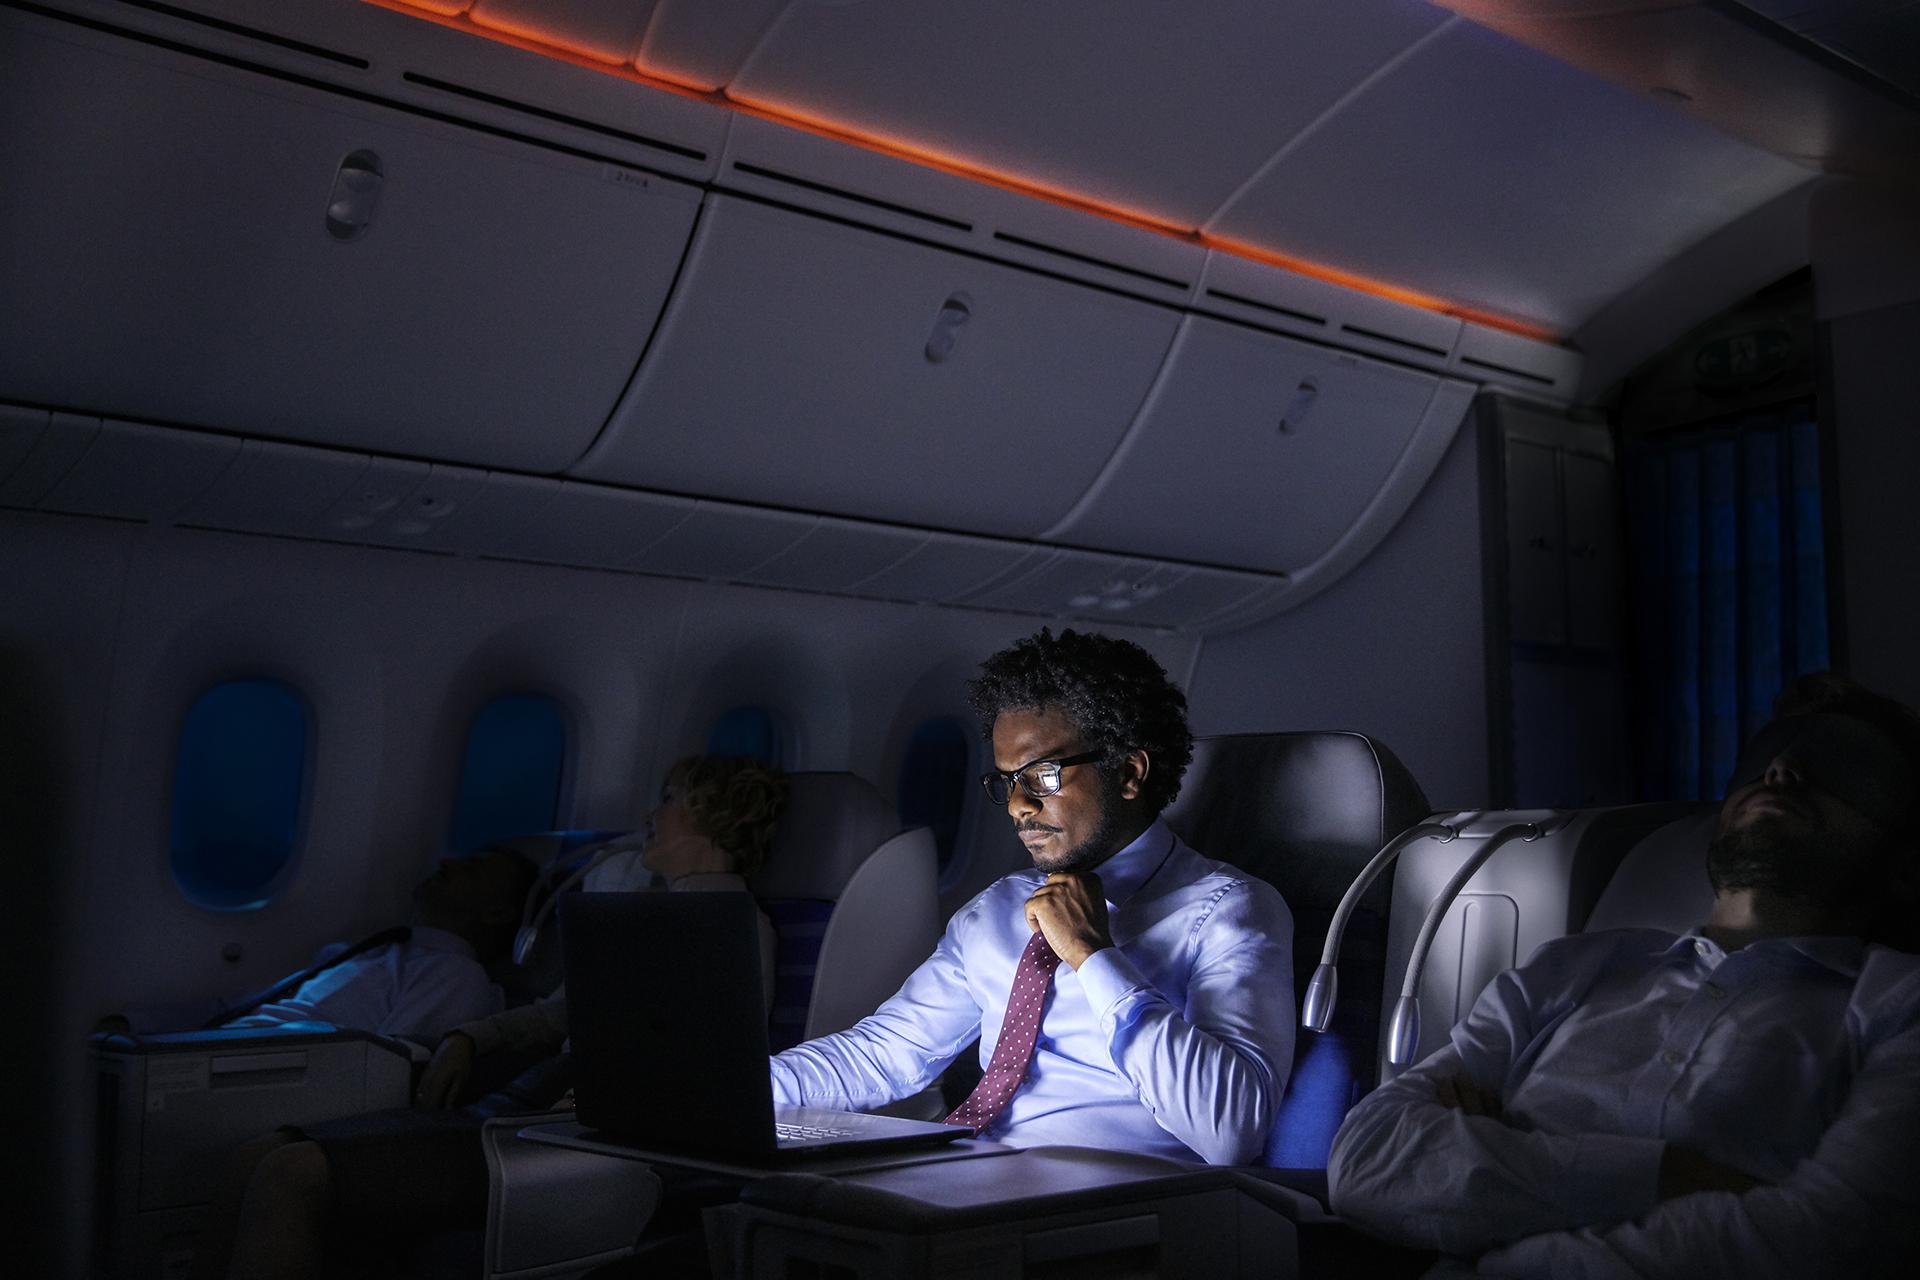 Las empresas gastarán un 10% más en viajes corporativos en 2020